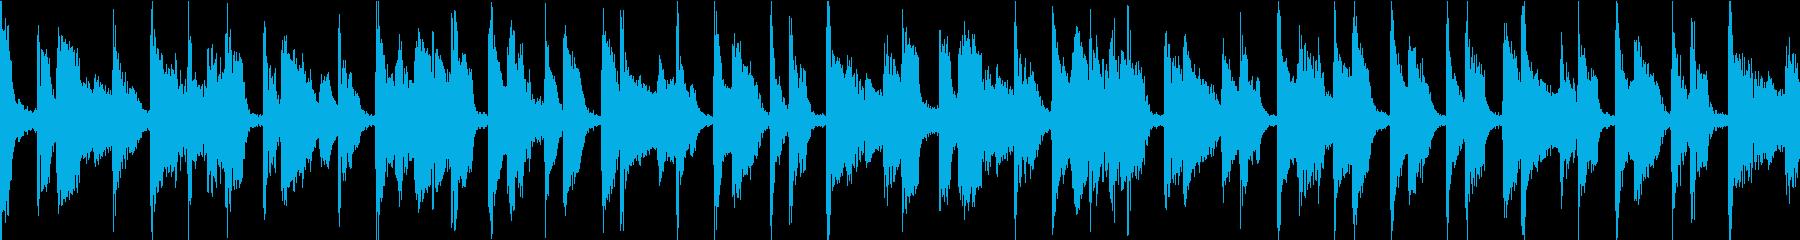 カフェ風 ジャズ ループの再生済みの波形